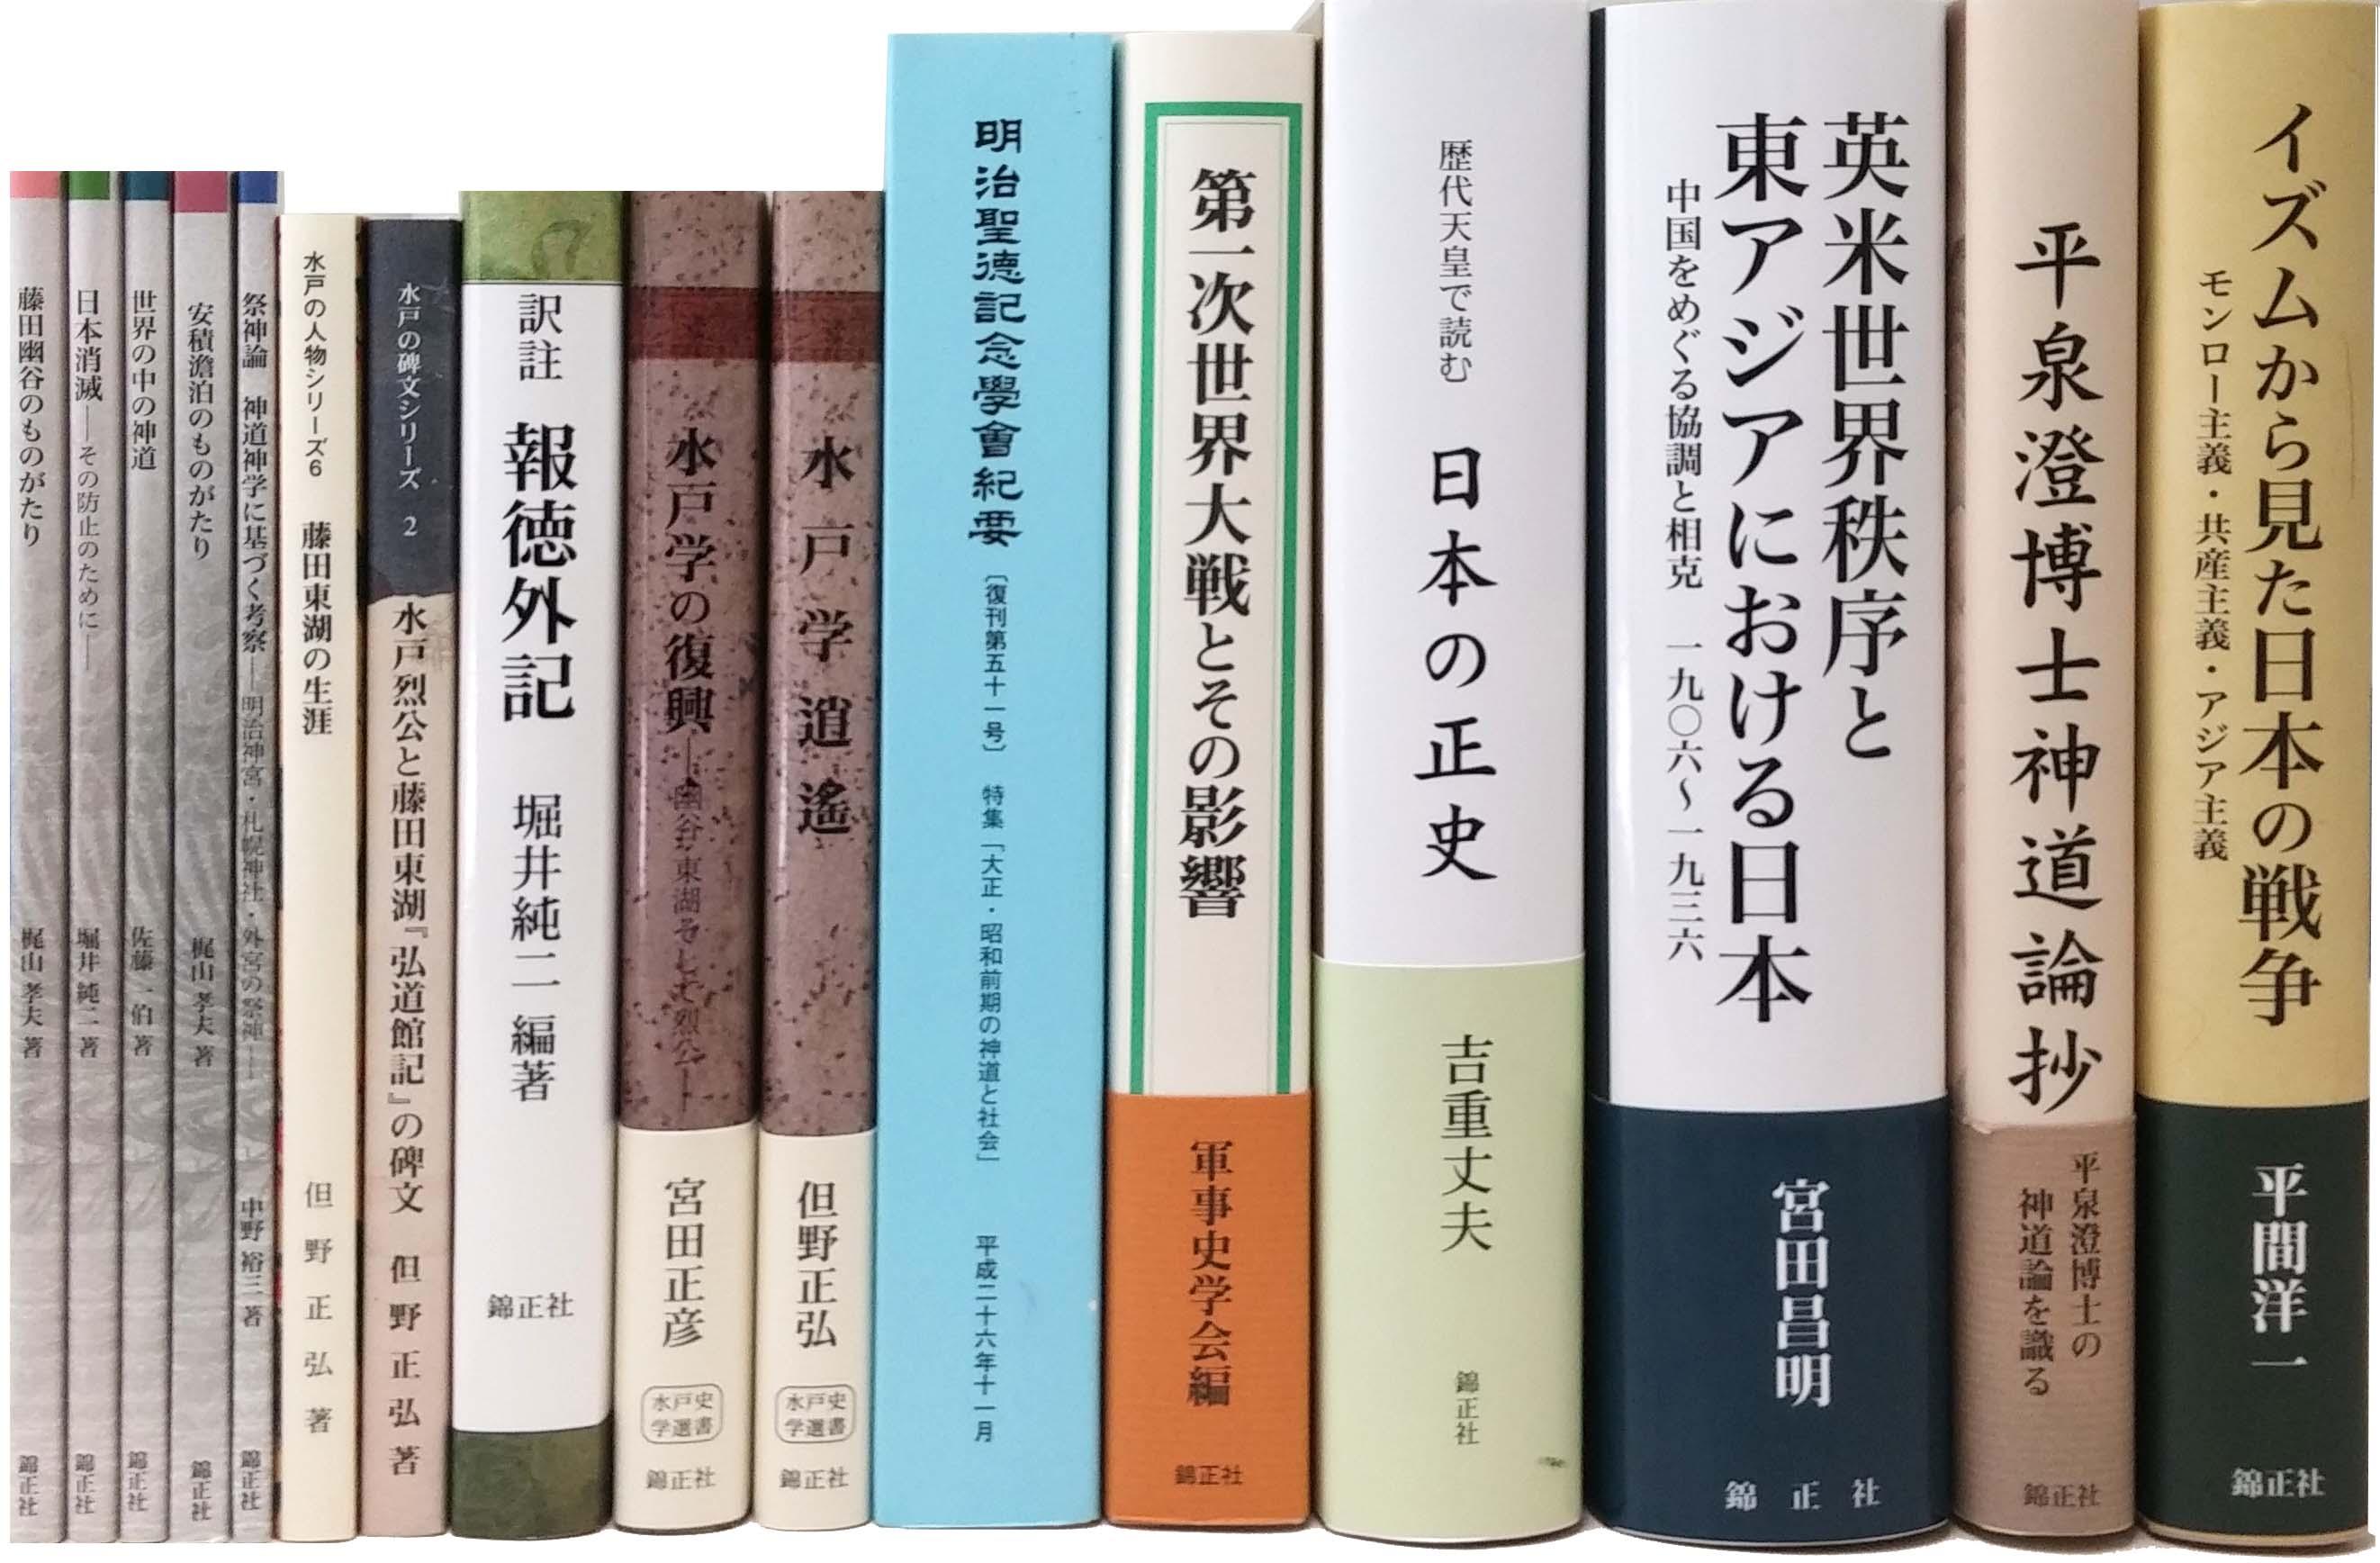 書籍一覧のイメージ